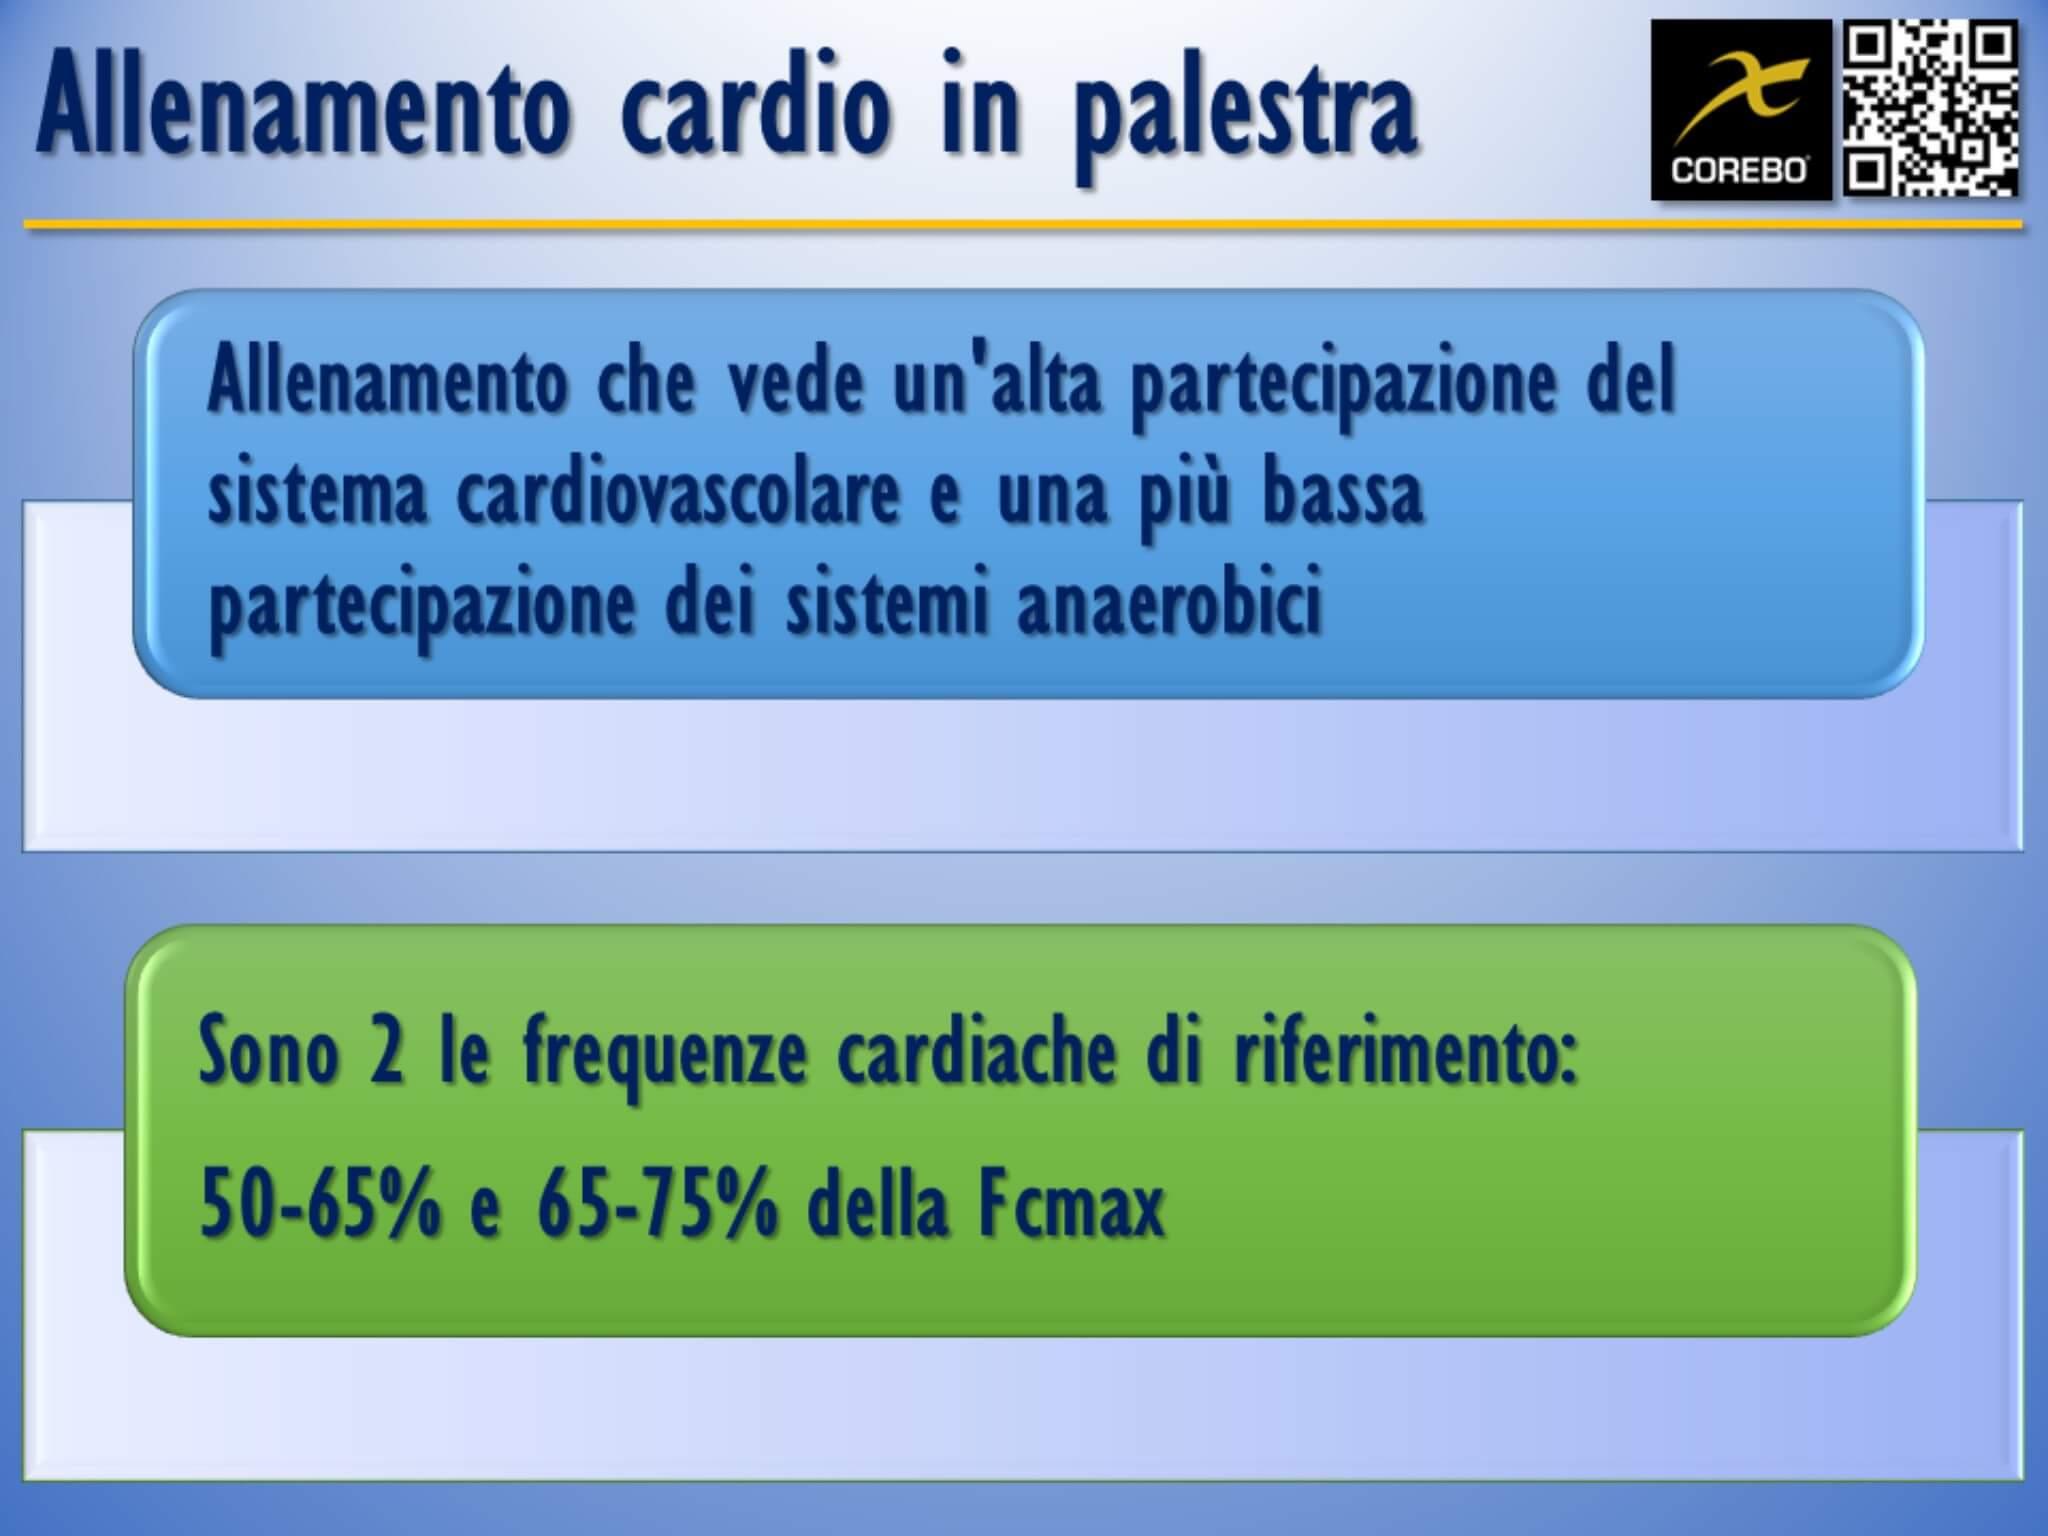 allenamento cardio in palestra